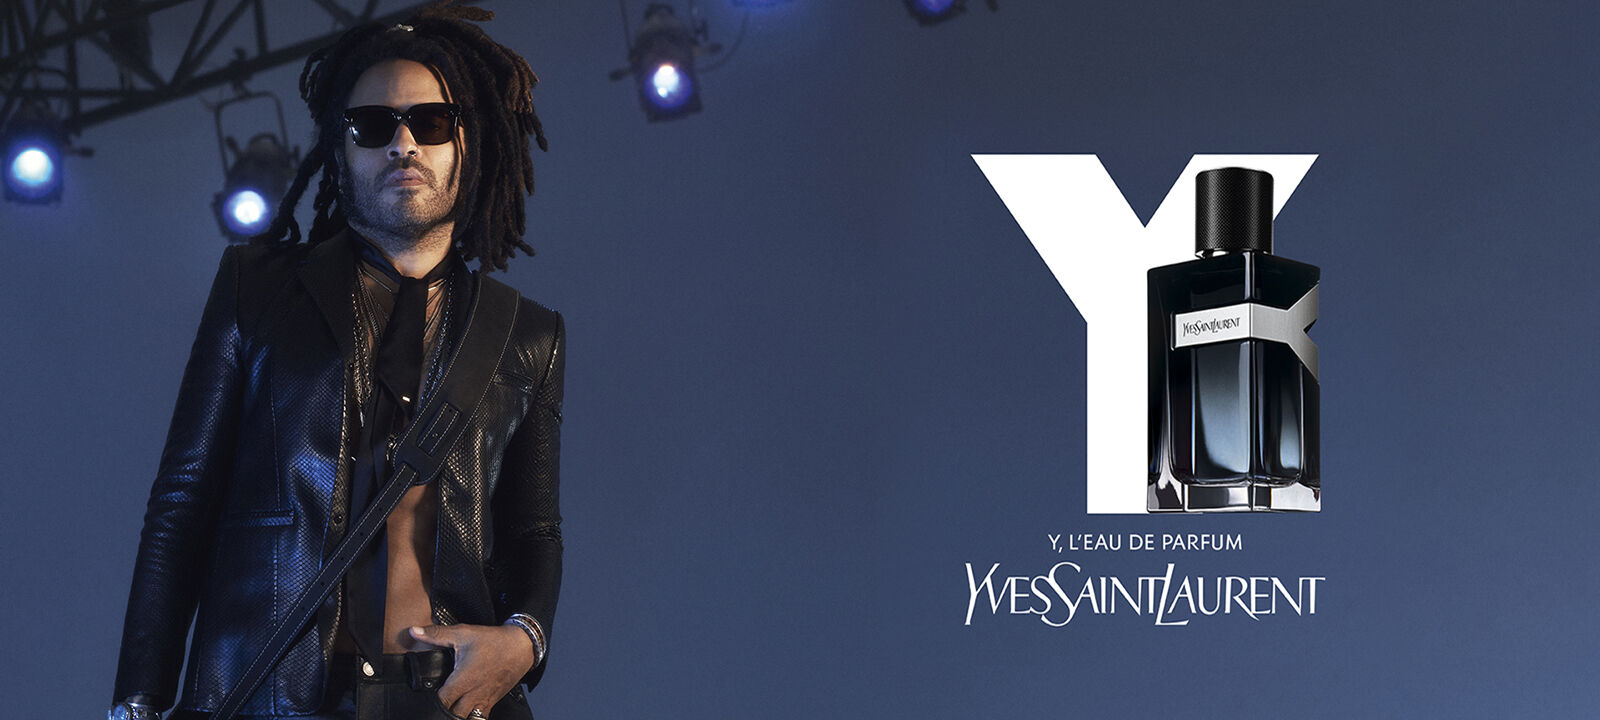 Y Eau de Parfum - Men's Fragrance | YSL Beauty